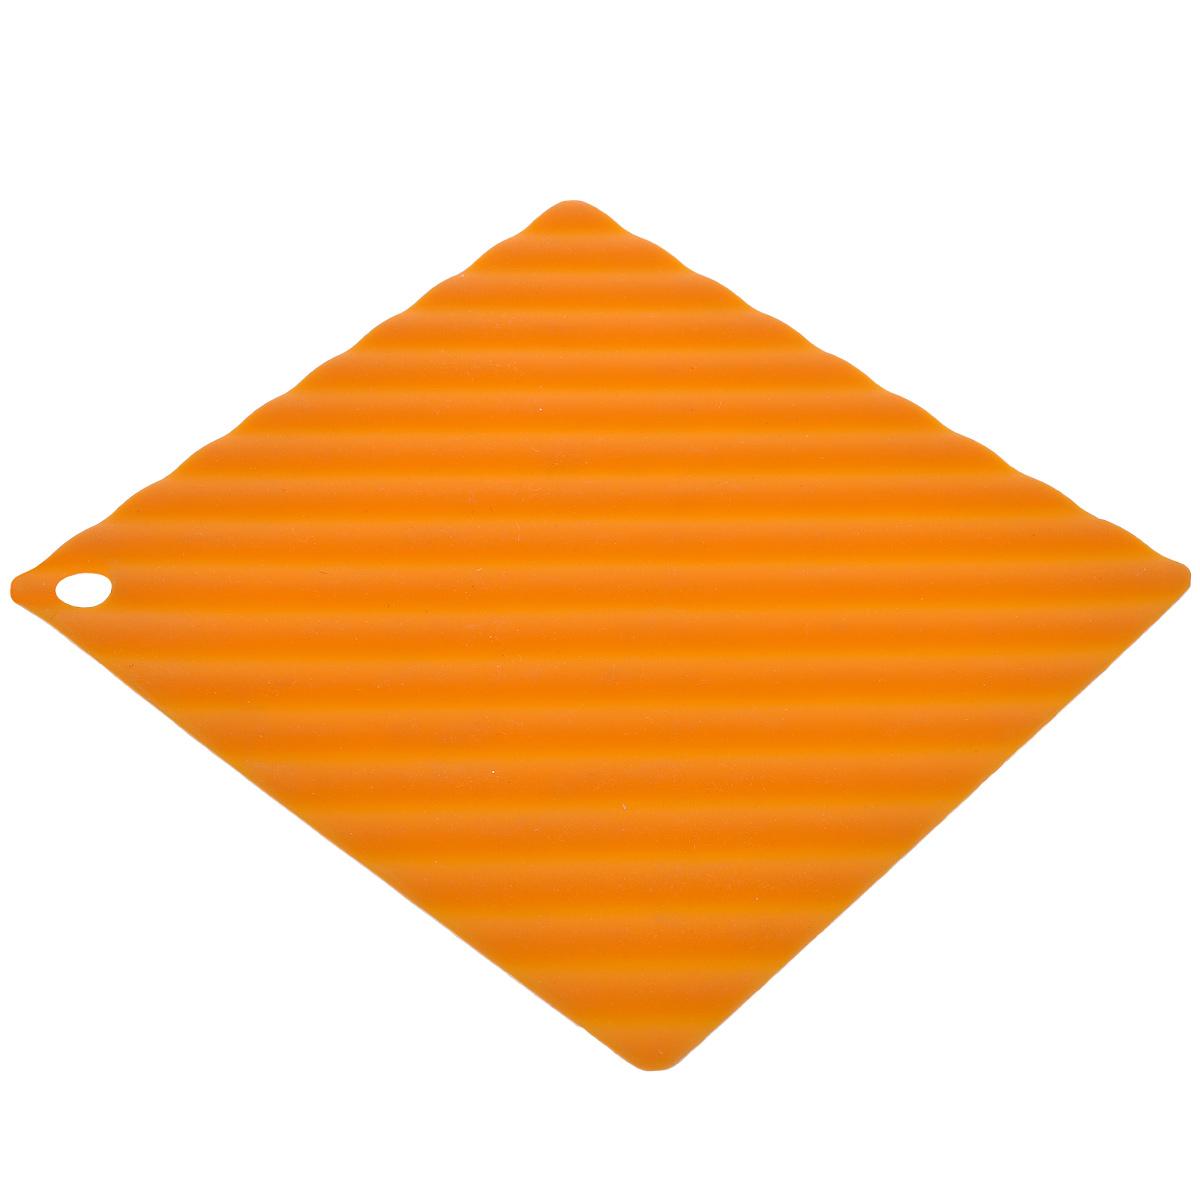 Подставка под горячее Marmiton, цвет: оранжевый, 14,5 см х 14,5 см11055_оранжевыйПодставка под горячее Marmiton изготовлена из силикона, что позволяет ей выдерживать высокие температуры и не царапать поверхность стола. Материал устойчив к фруктовым кислотам, к воздействию низких и высоких температур. Не взаимодействует с продуктами питания и не впитывает их запахи как при нагревании, так и при заморозке. Использовать при температуре от - 40°C до +240°C. Изделие можно мыть и сушить в посудомоечной машине. Такая подставка придется по вкусу человеку, ценящему практичные и оригинальные вещицы.